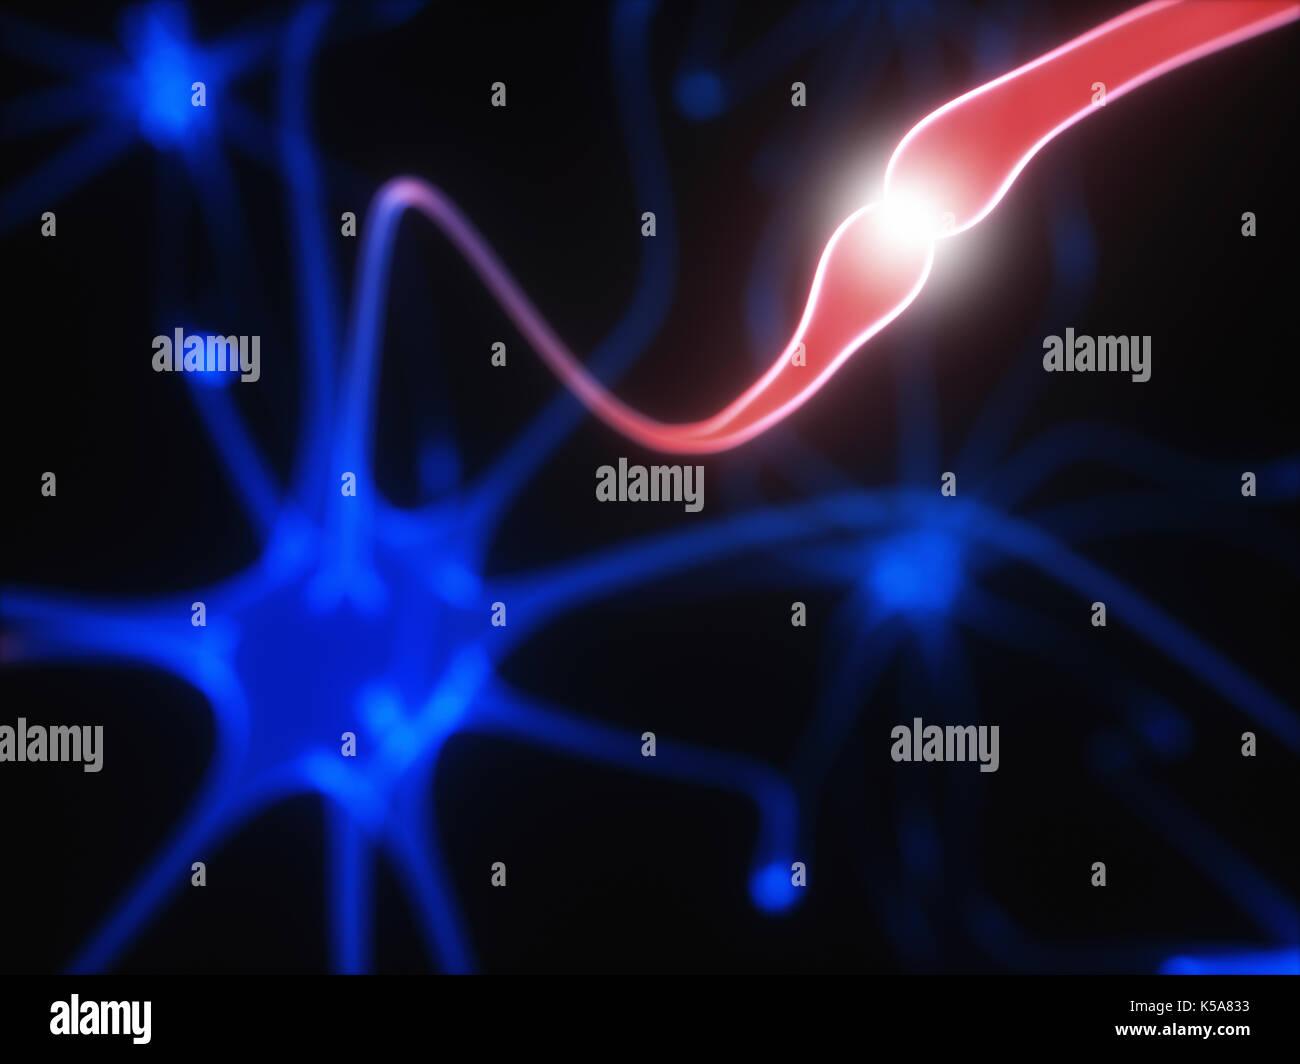 Les cellules nerveuses et des impulsions électriques, de l'illustration. Photo Stock